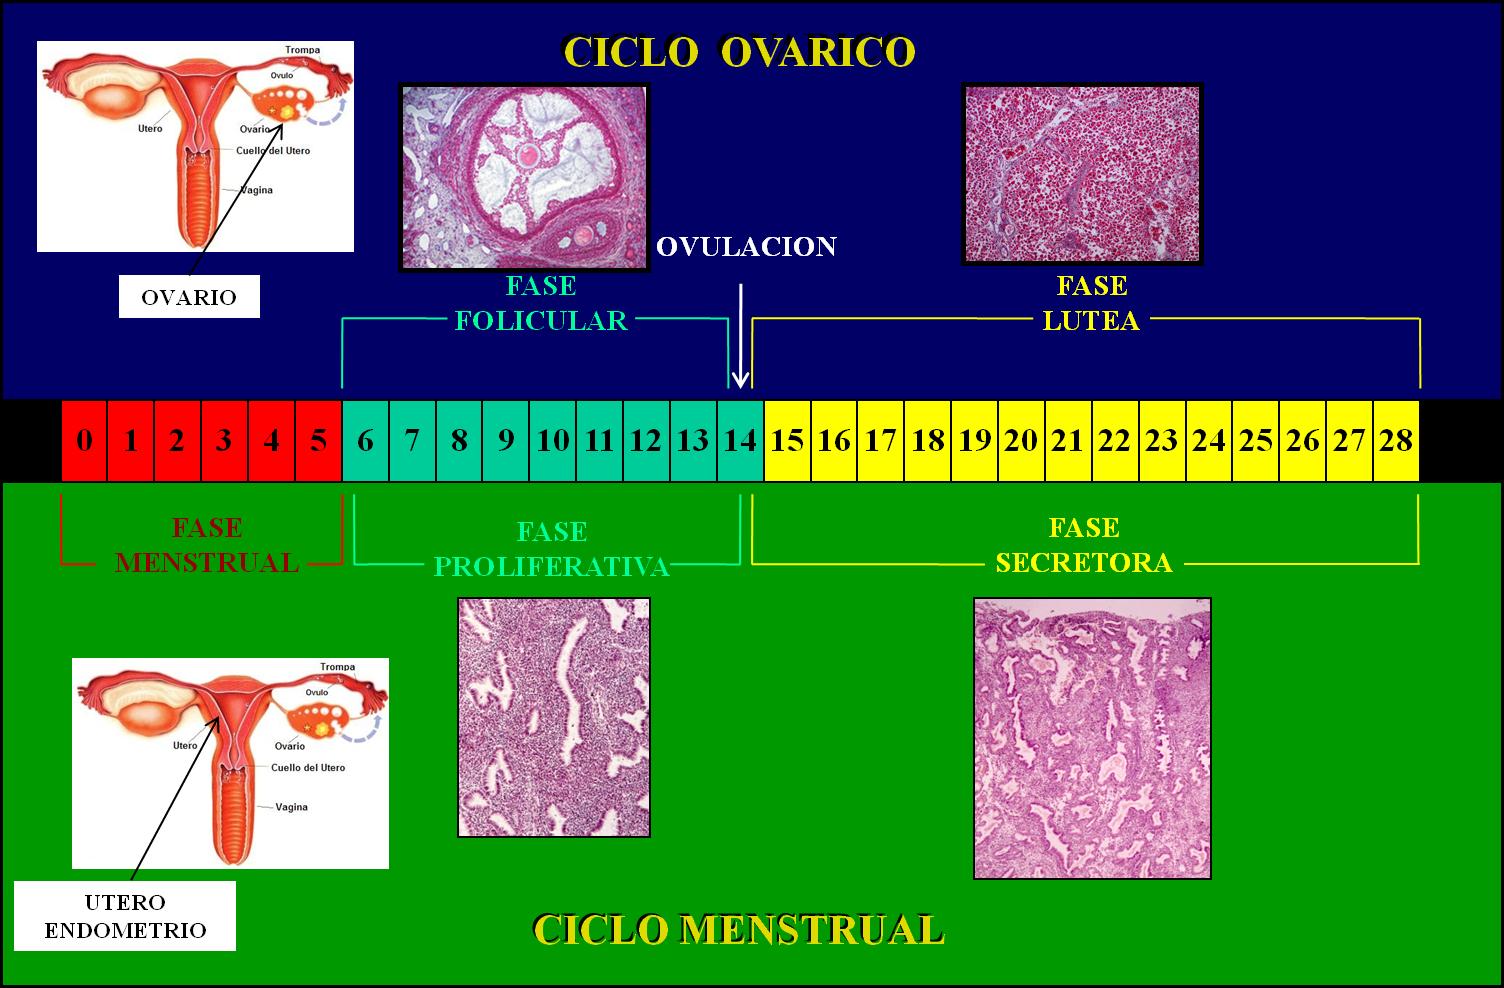 Dias de ovular de la mujer